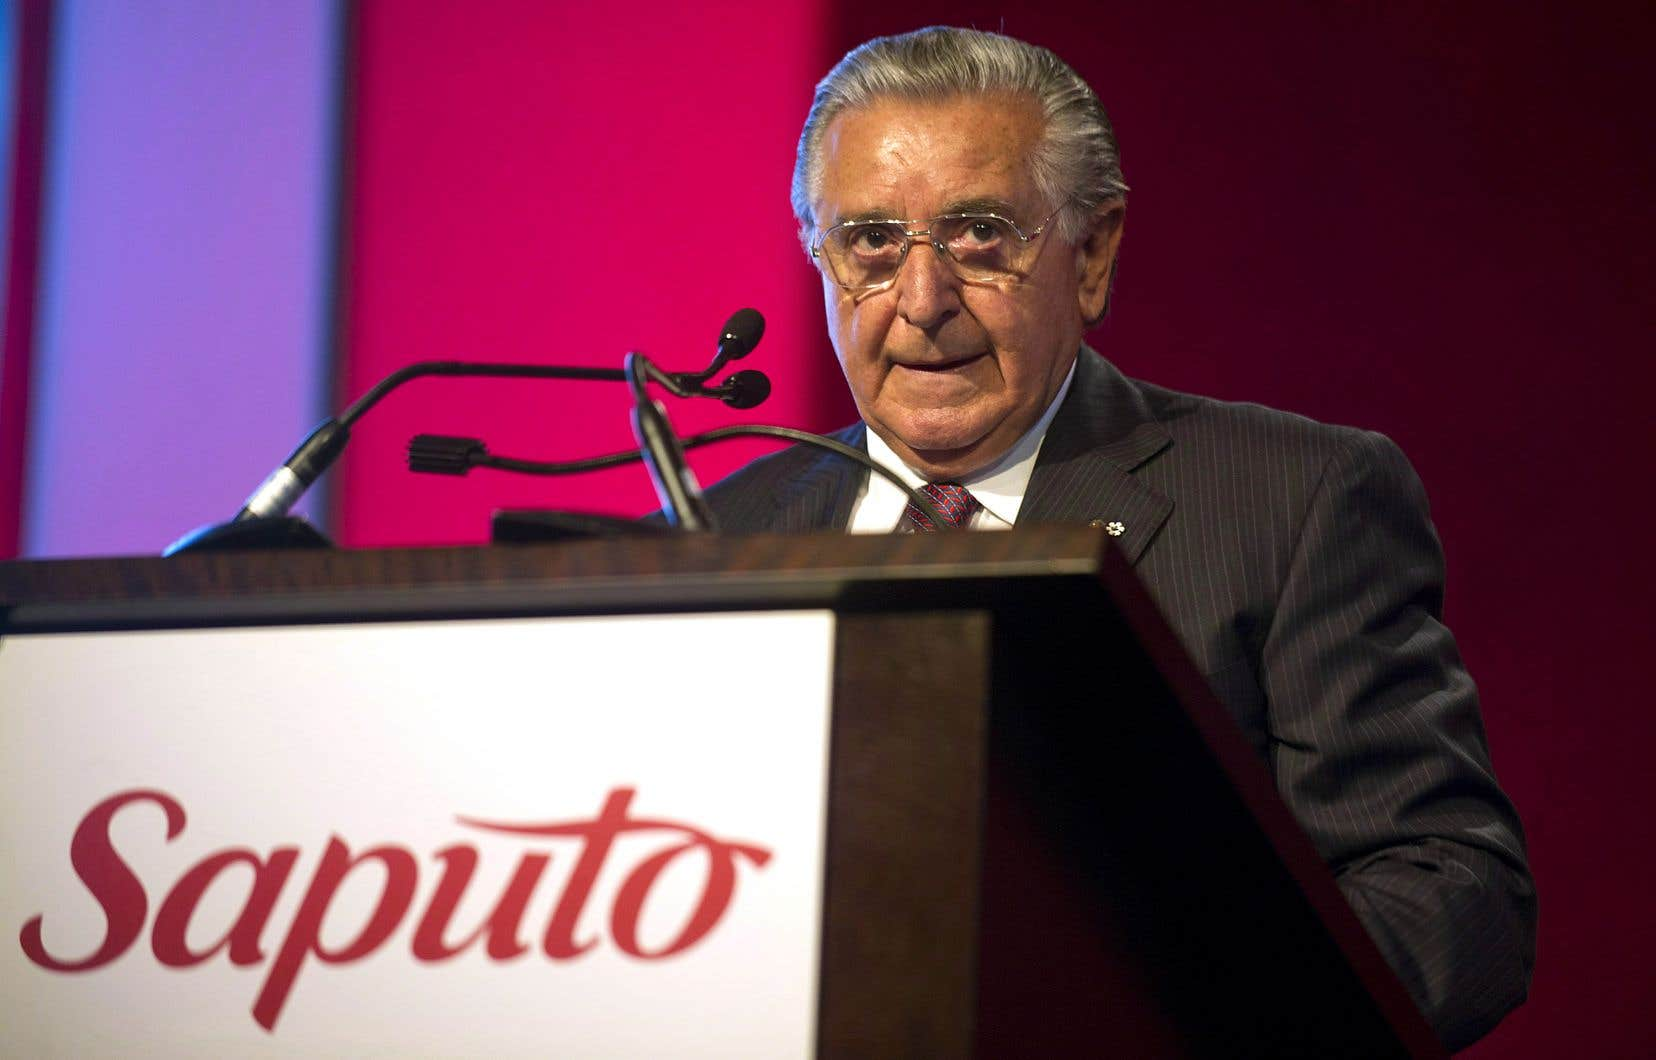 Lino Saputo a toujours nié avoir entretenu la moindre relation avec le monde interlope, y compris dans l'autobiographie qu'il a publiée cet automne.